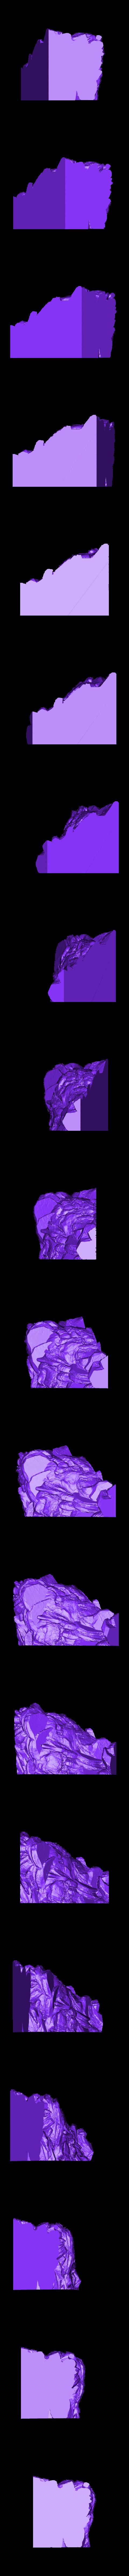 Base_4.stl Download free STL file Medieval Castle • 3D printable model, boldmachines